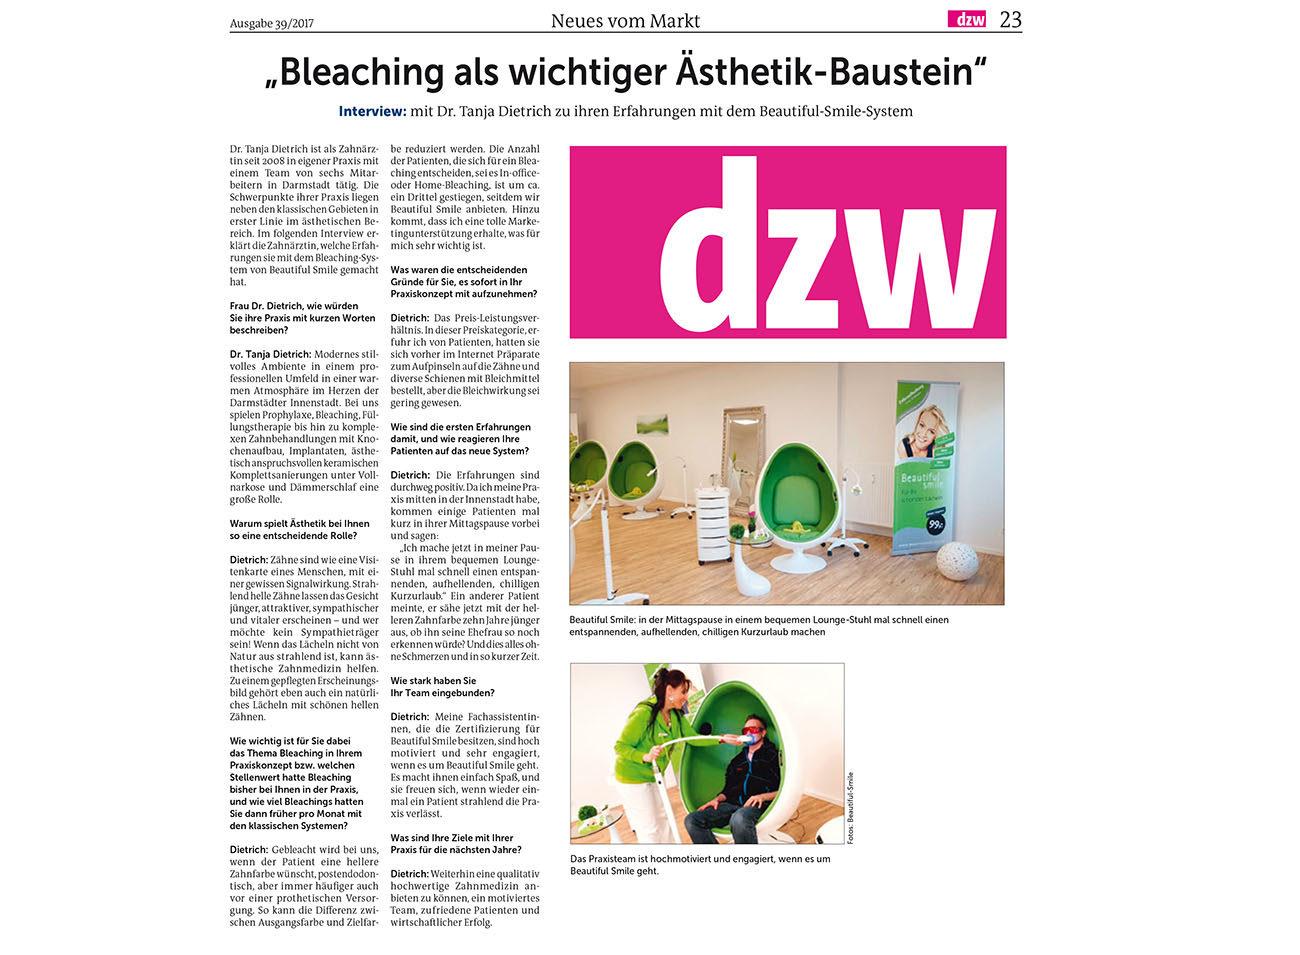 DZW Ausgabe 39, 2017, Seite 23